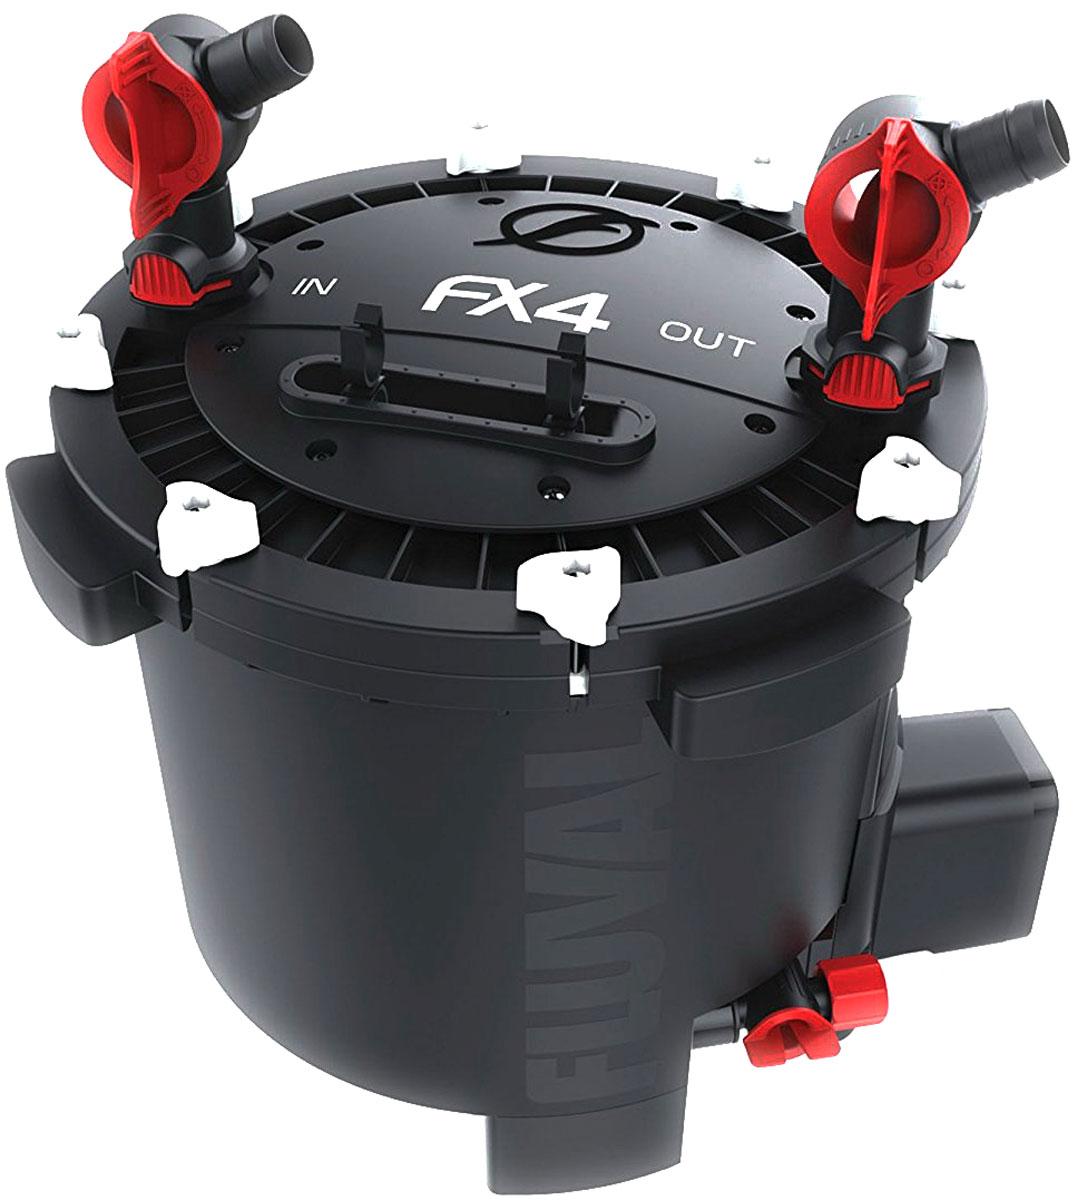 Фильтр для аквариума Fluval Fluval FX4, канистровый фильтр hagen a 465 fluval u1 внутренний до 45л